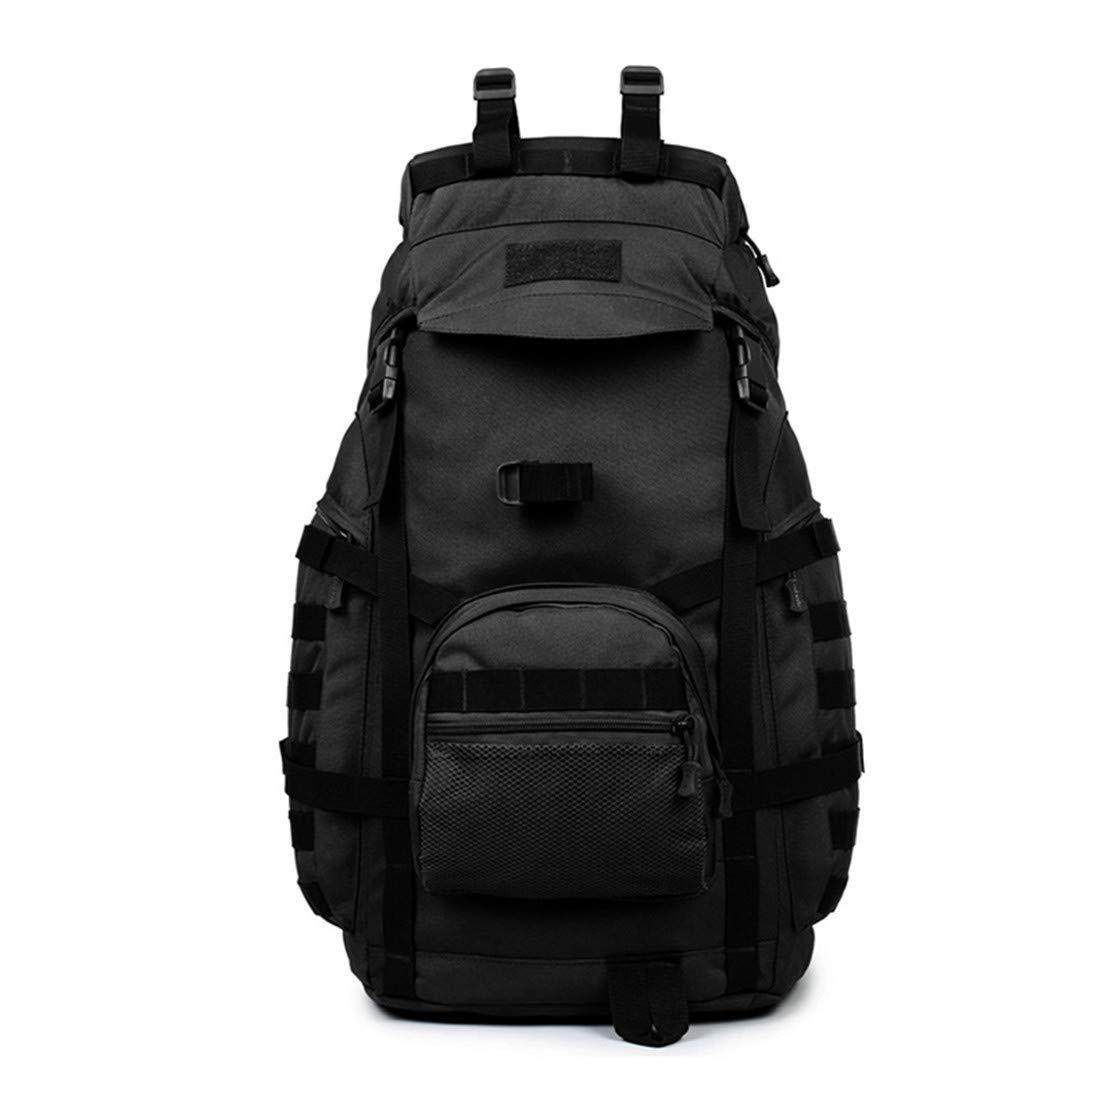 Xiuy Backpack Tablet Herren Classic Classic Classic Outdoor Laptoprucksack Groß Einfarbig Rucksack Tarnung Verschleißfest Nylon Lässig B07KW517YB Daypacks Verwendet in der Haltbarkeit b95f08